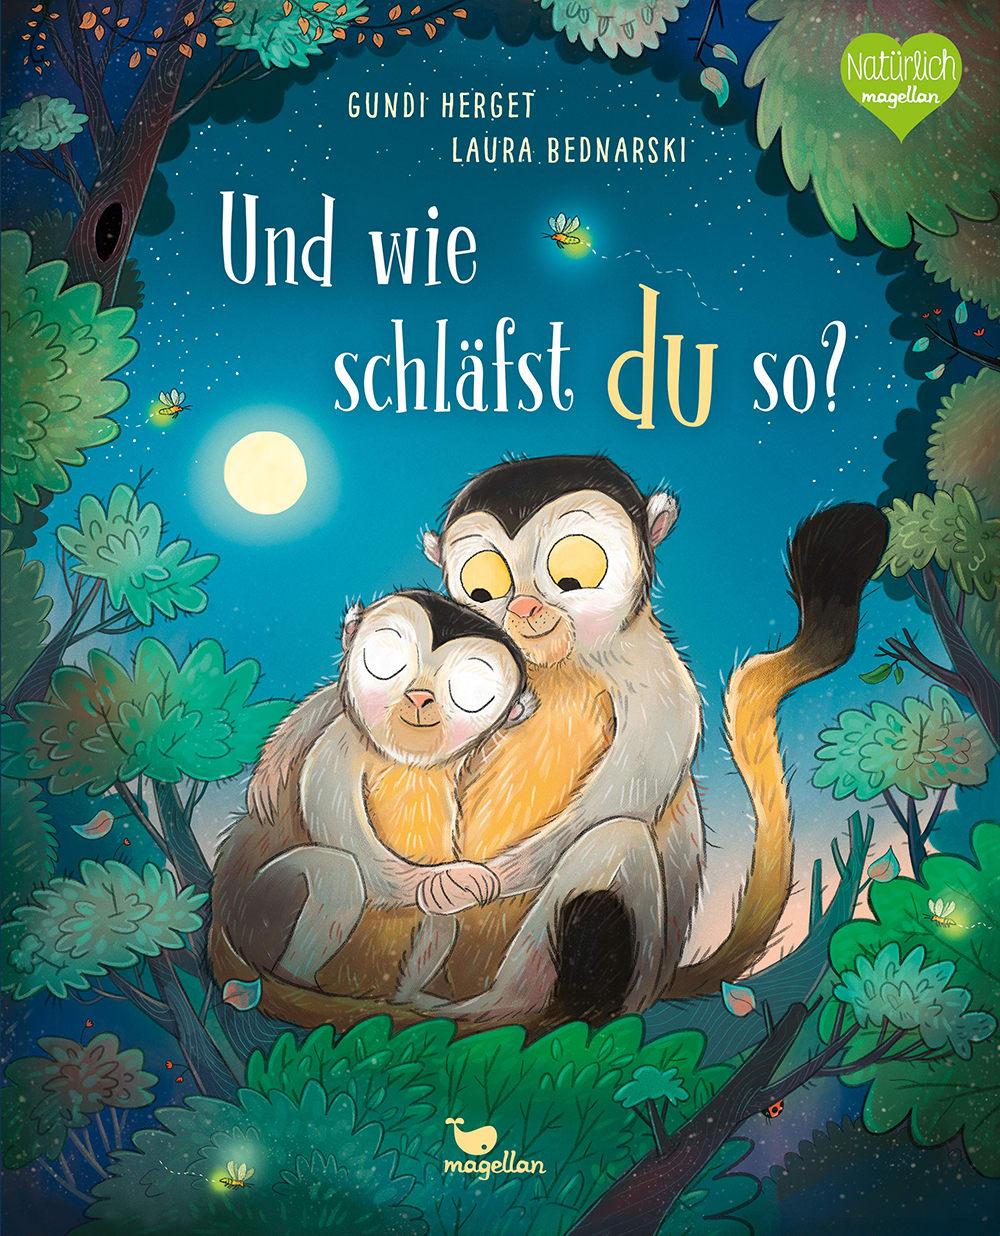 Cover Und wie schläfst du so Gutenachtgeschichte Bilderbuch von Gundi Herget und Laura Bednarski